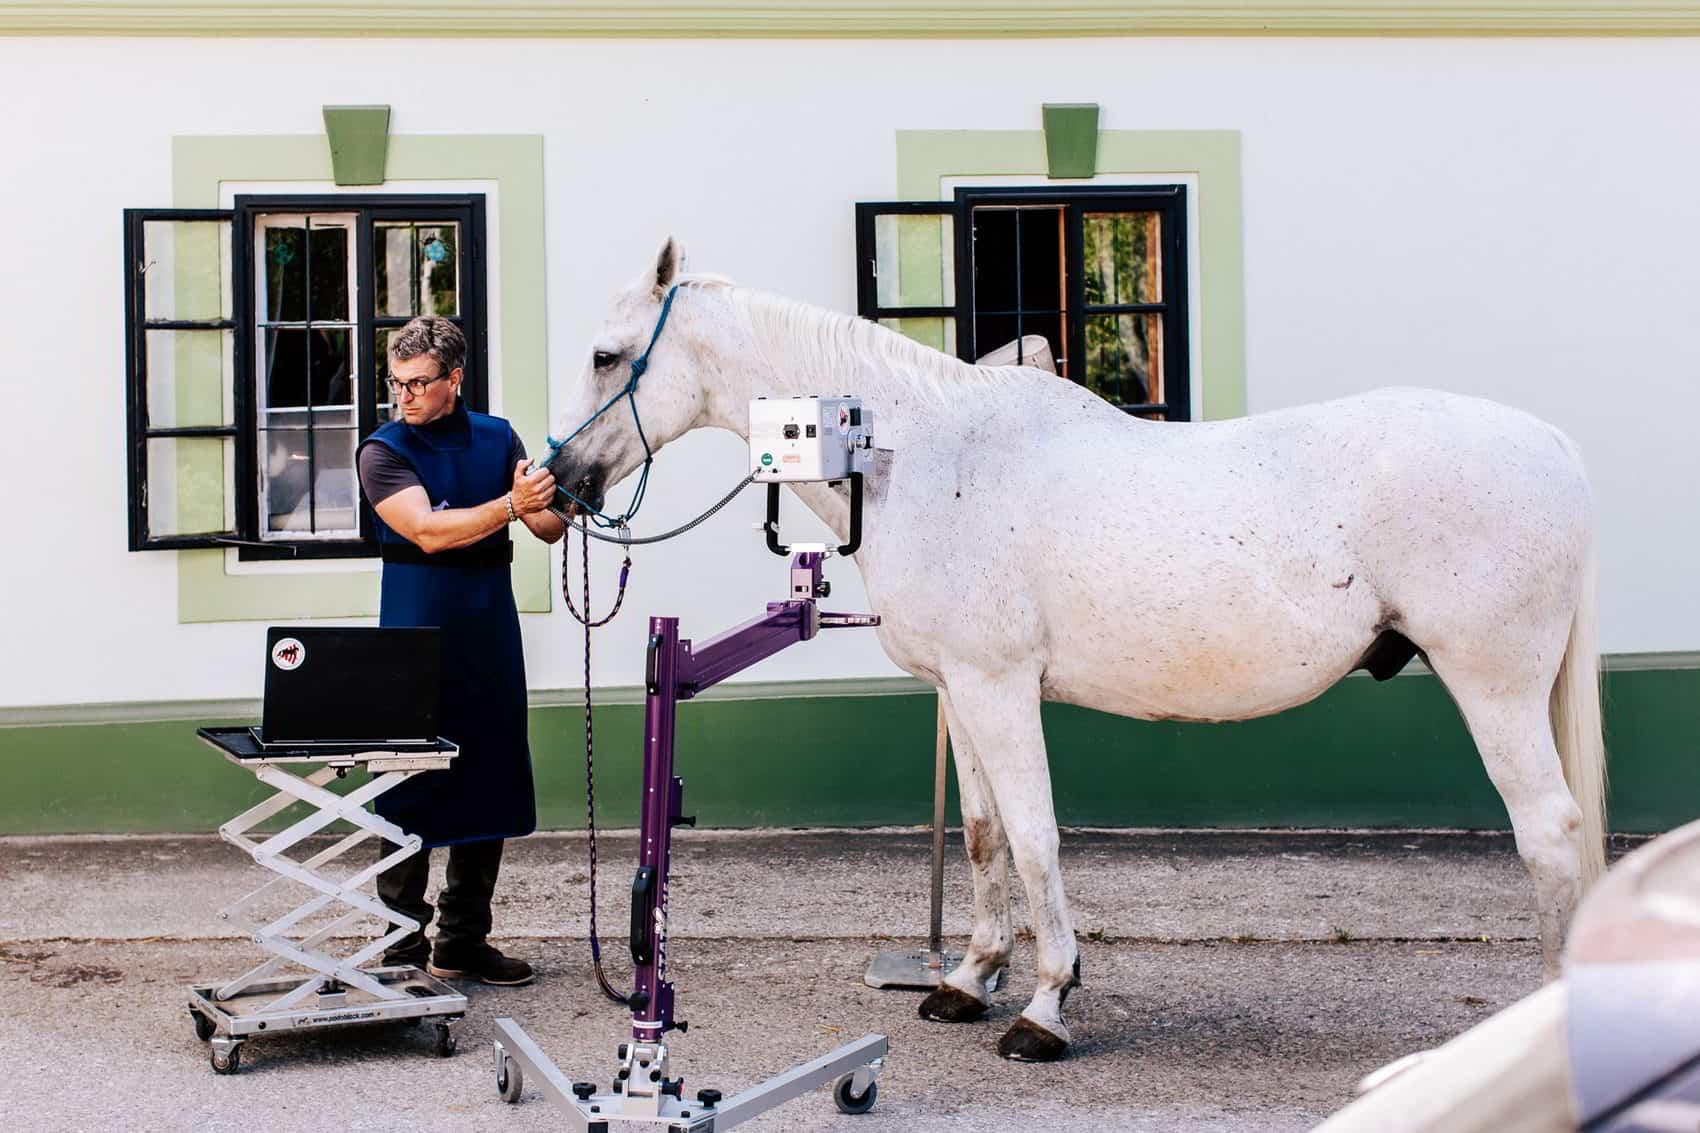 pferdesportpraxis-tierarzt-dr-matthias-keller-pferdespezialist-orthopaedische-und-manuelle-medizin-fuer-pferde-faszientherapie-chiropraktik-akupunktur-cft-prp-irap-chirofaszial-SCHTP